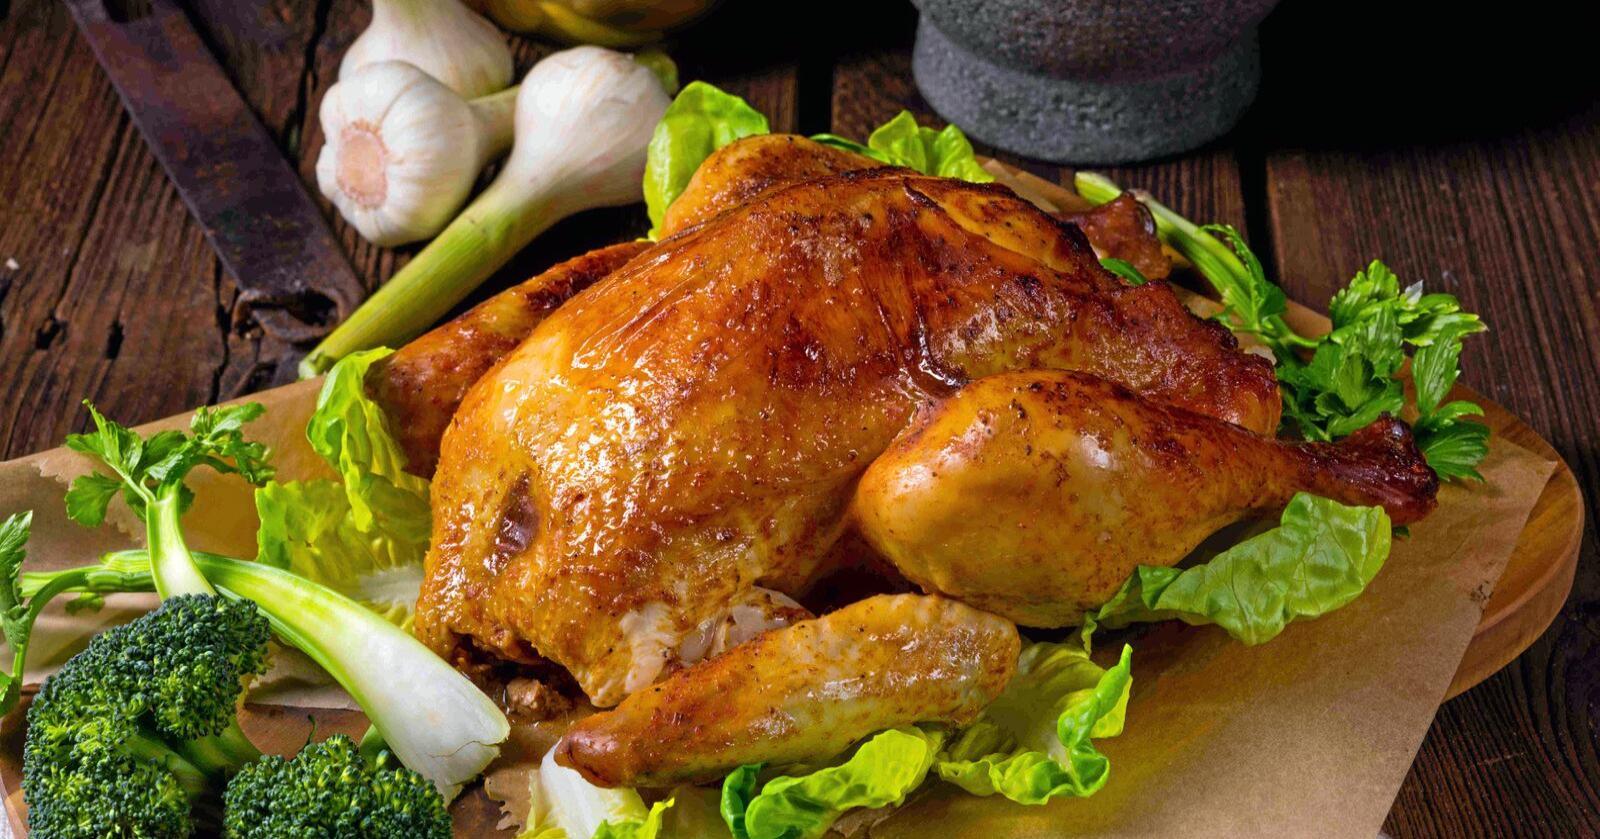 Borte ved 70 grader: Forskere satte sykdomsfremkallende bakterier inn i kylling og stekte den. Først ved 70 grader var alle de skumle bakteriene døde.Foto: Colourbox